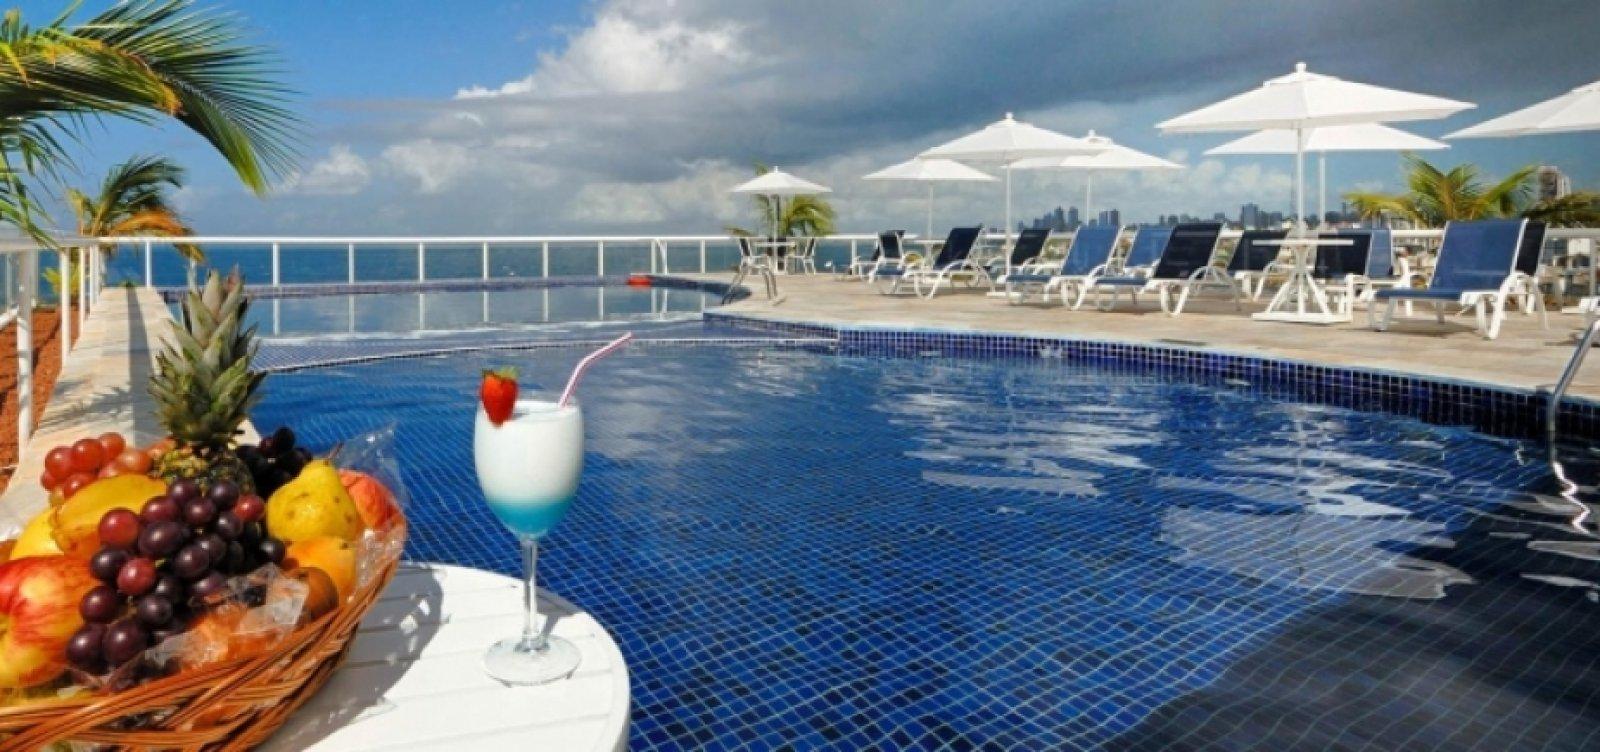 [Com crise da Avianca, hotéis de Salvador registram ocupação de 53,18% em abril]